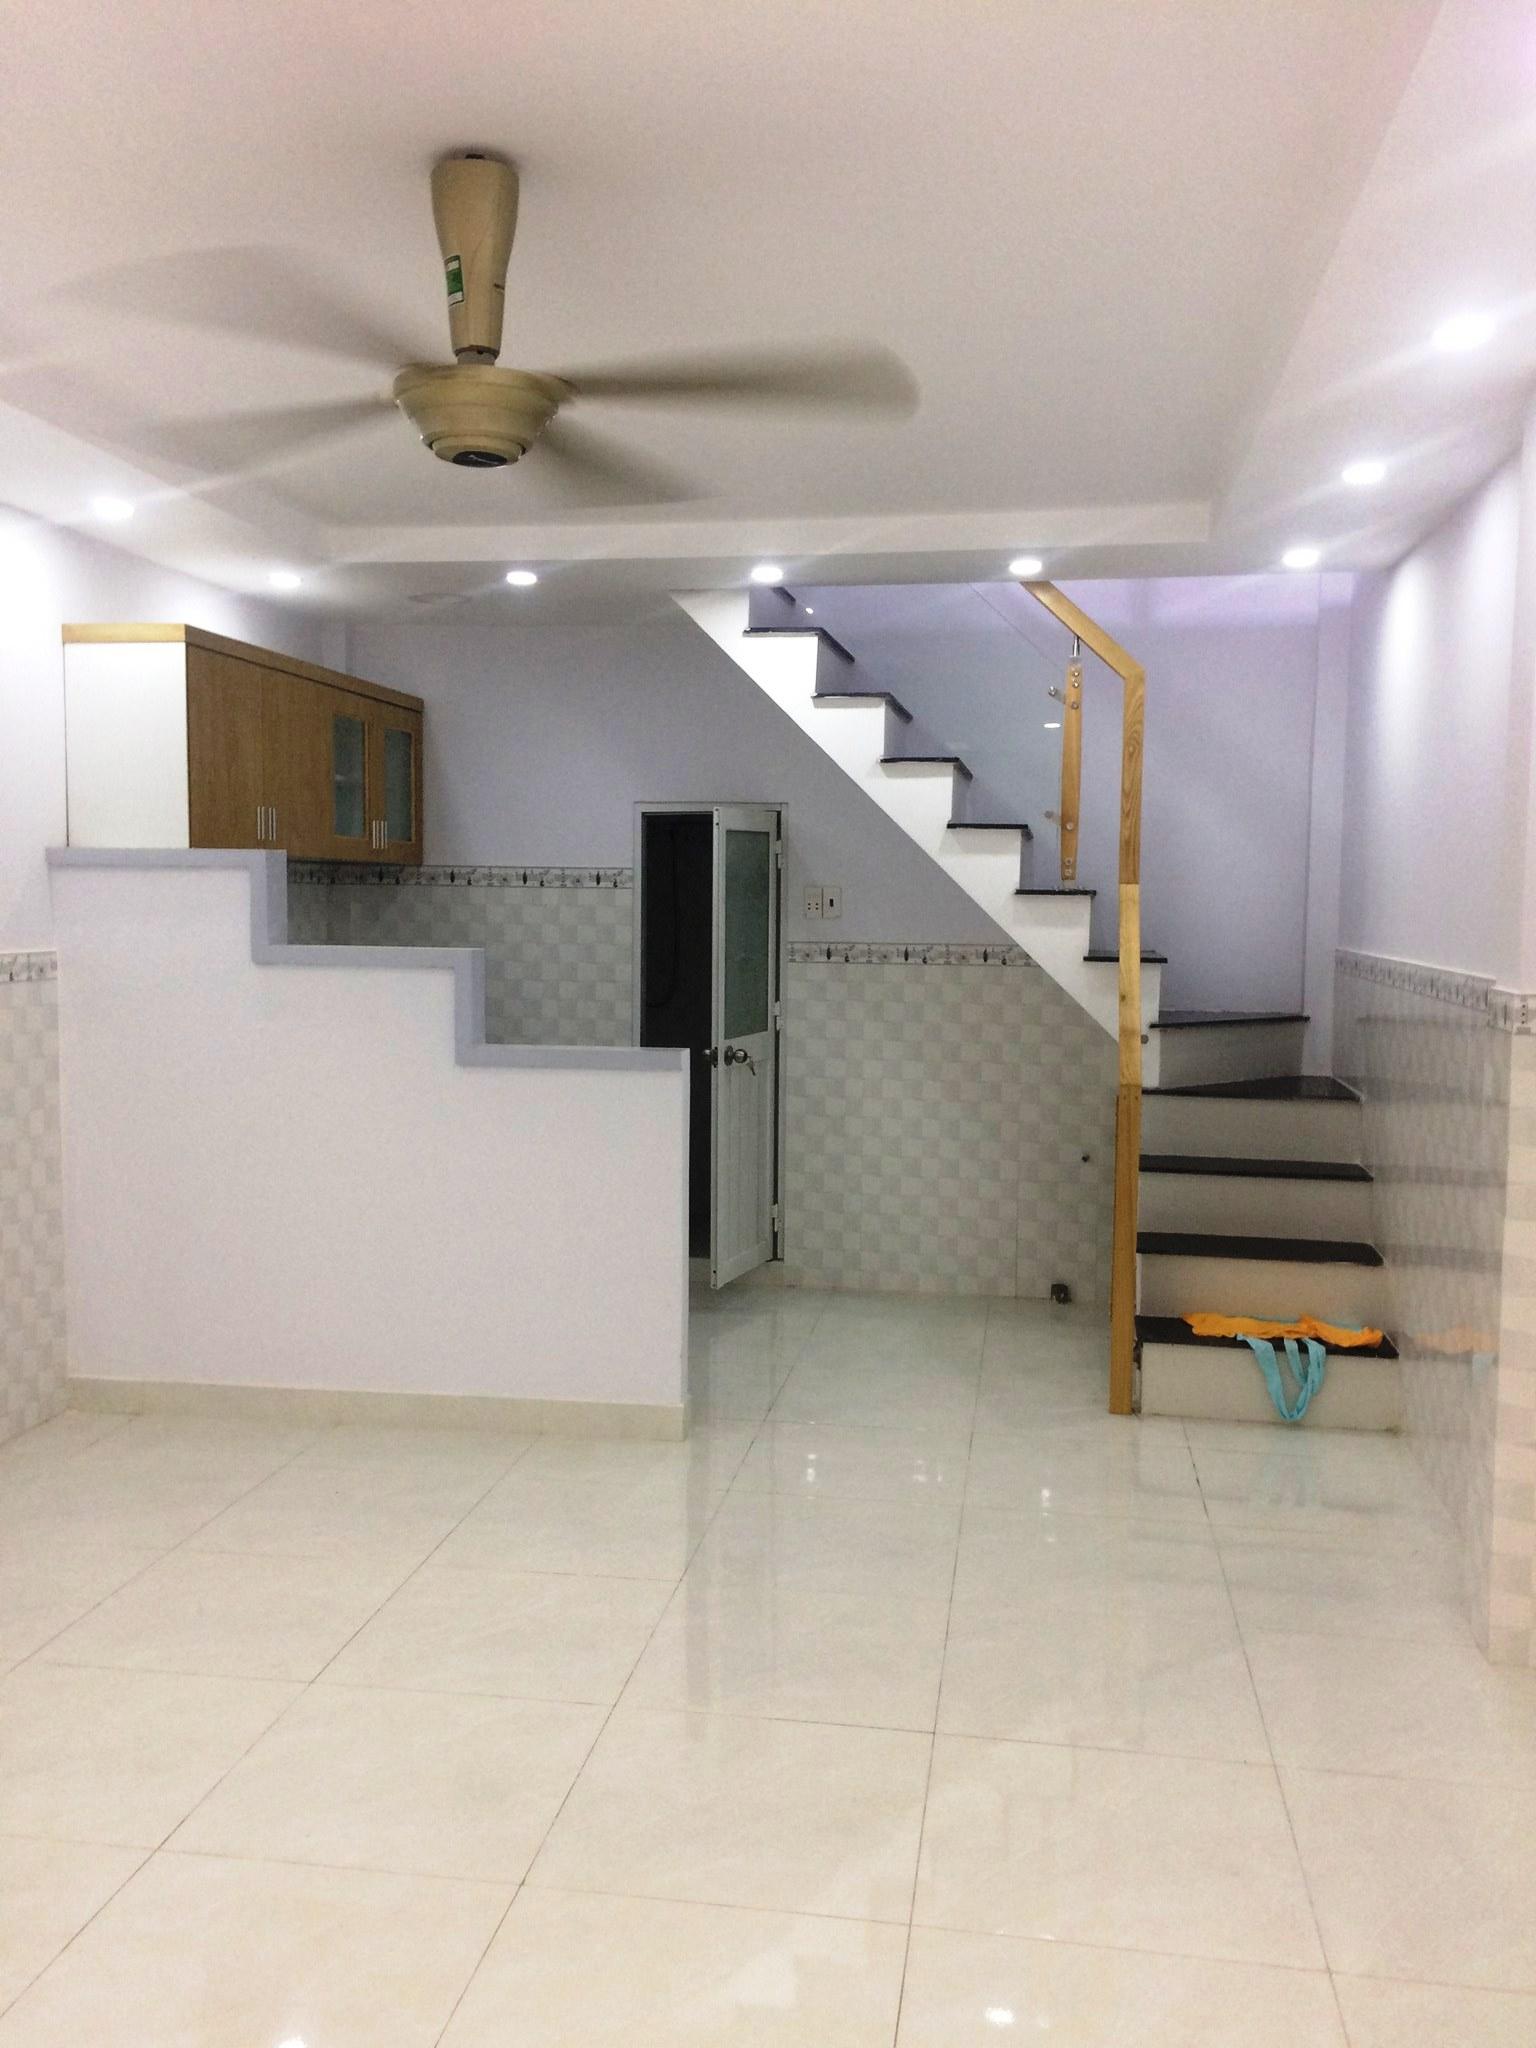 Bán nhà hẻm đường Bùi Thế Mỹ, Phường 10, Quận Tân Bình; 32 m2; 1 lầu